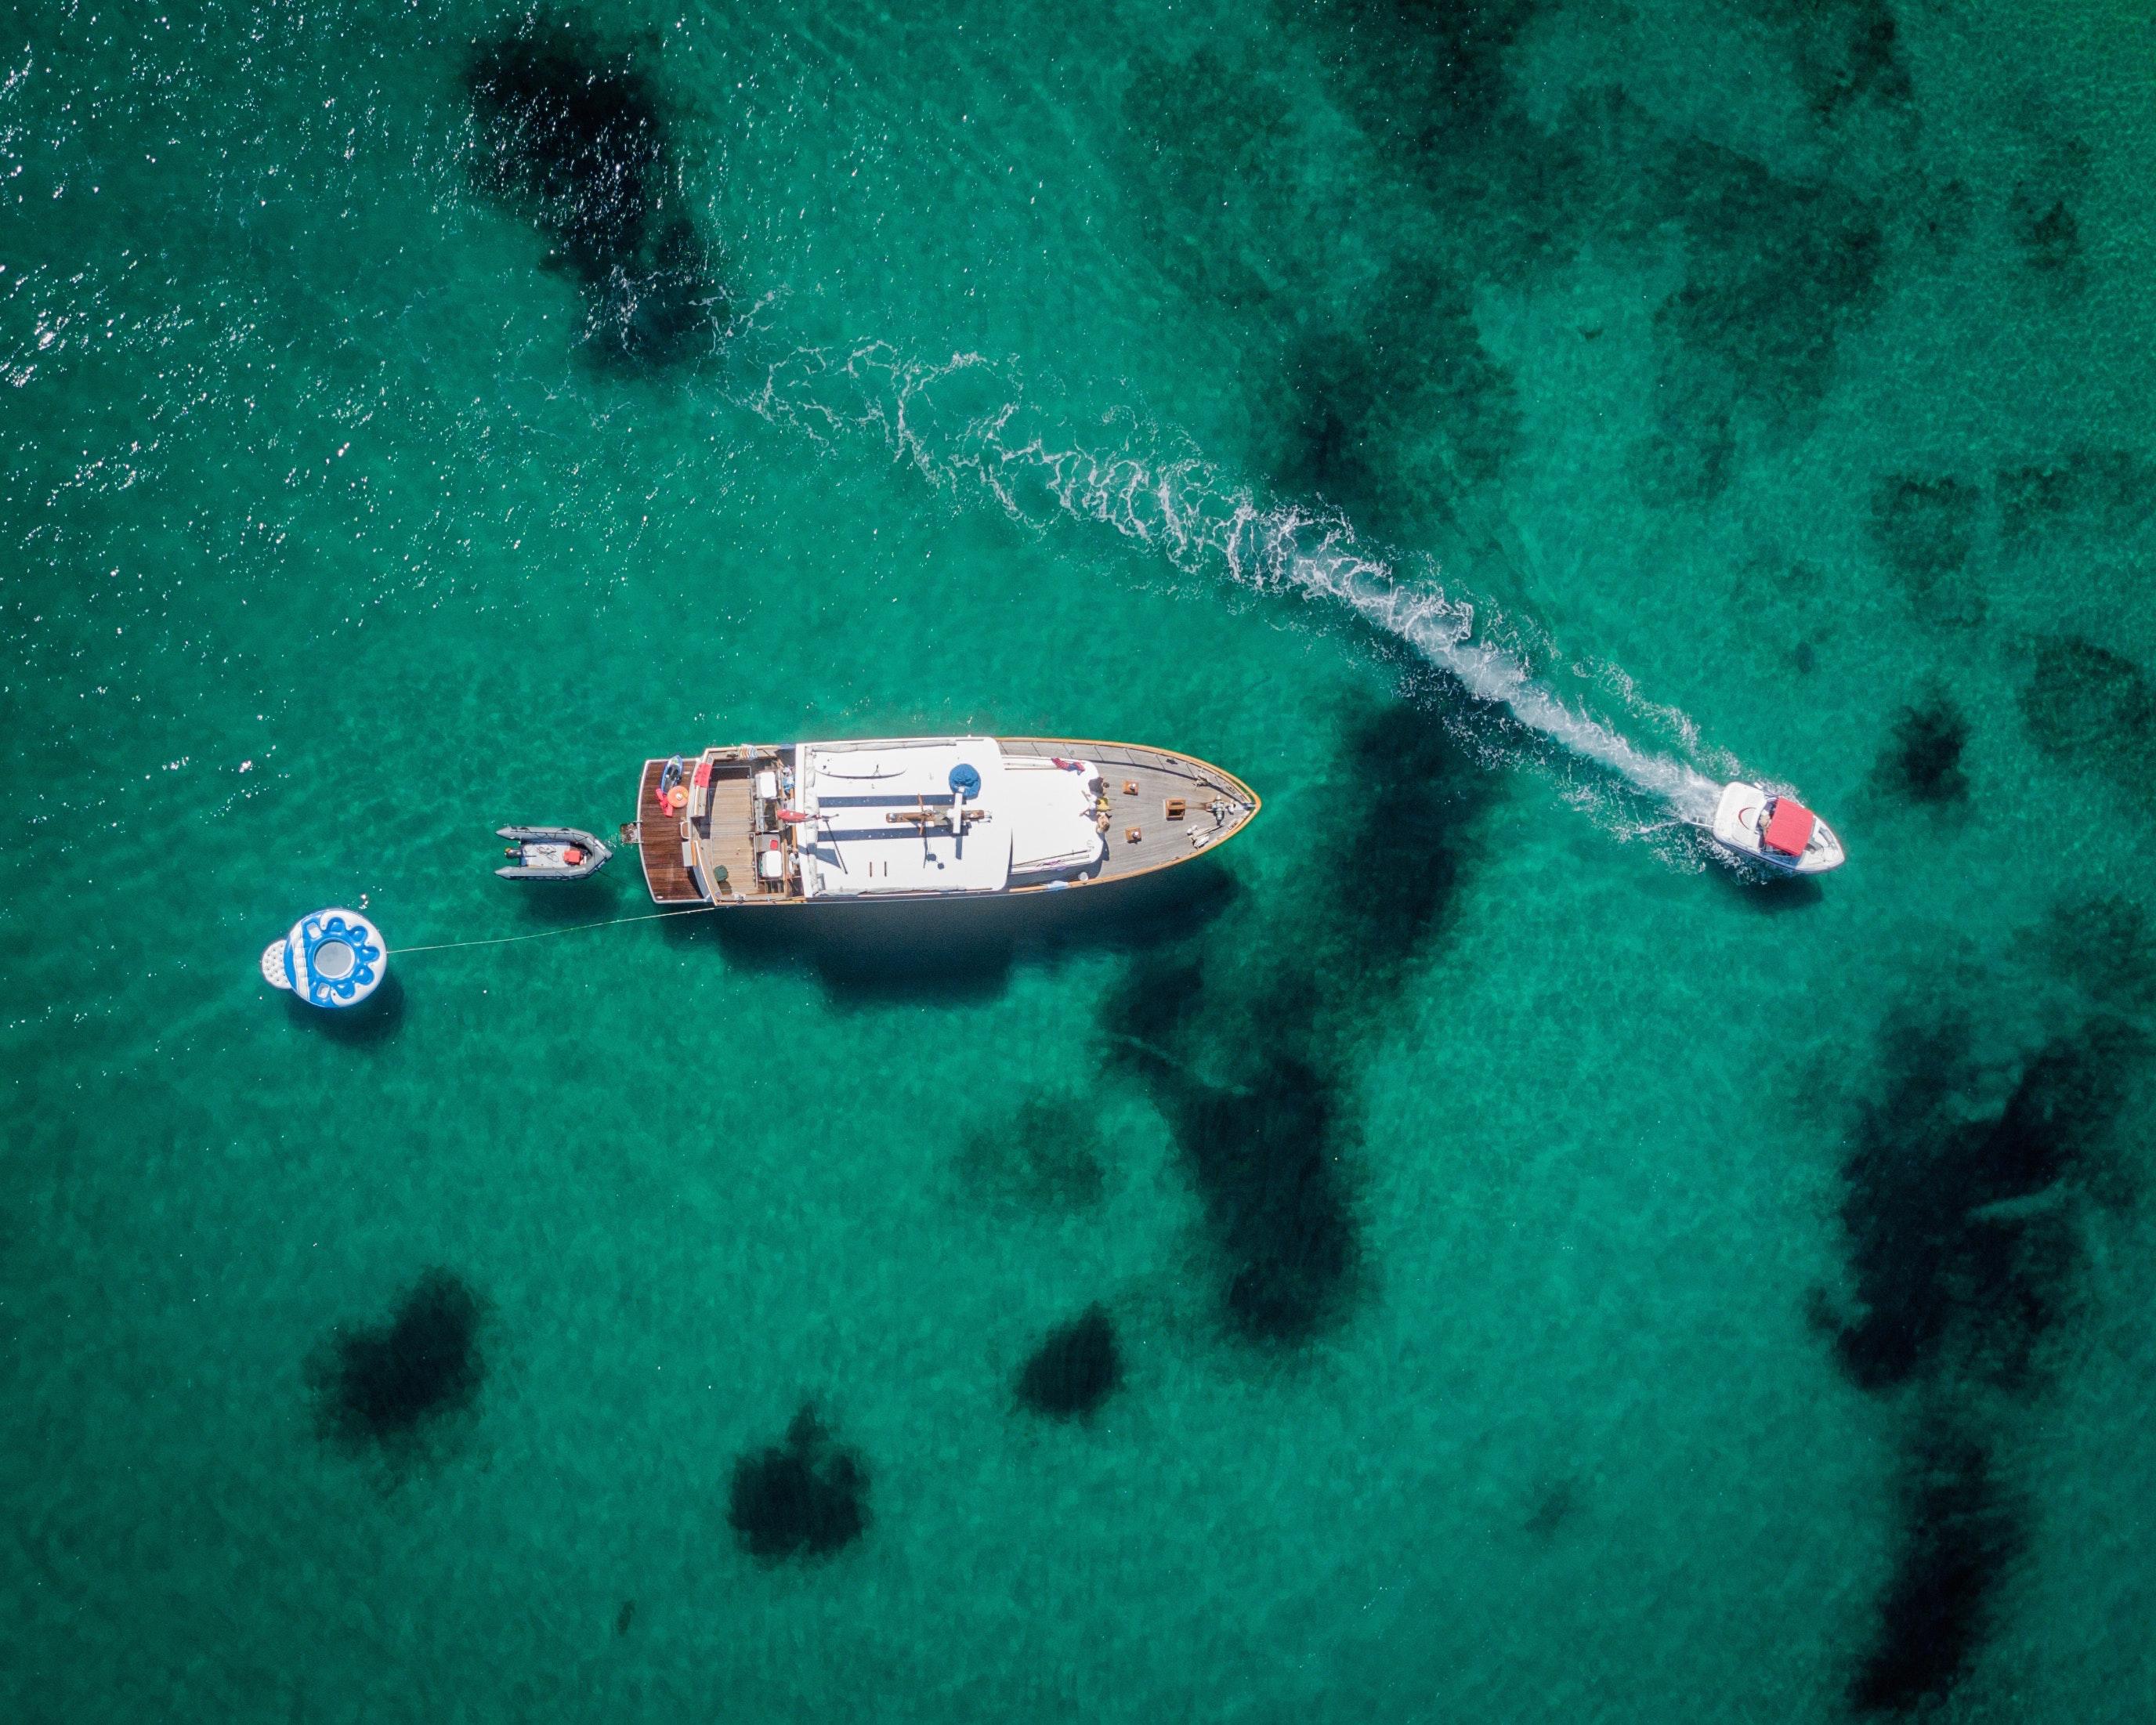 Åk på en seglingsresa med dina vänner i Kroatien